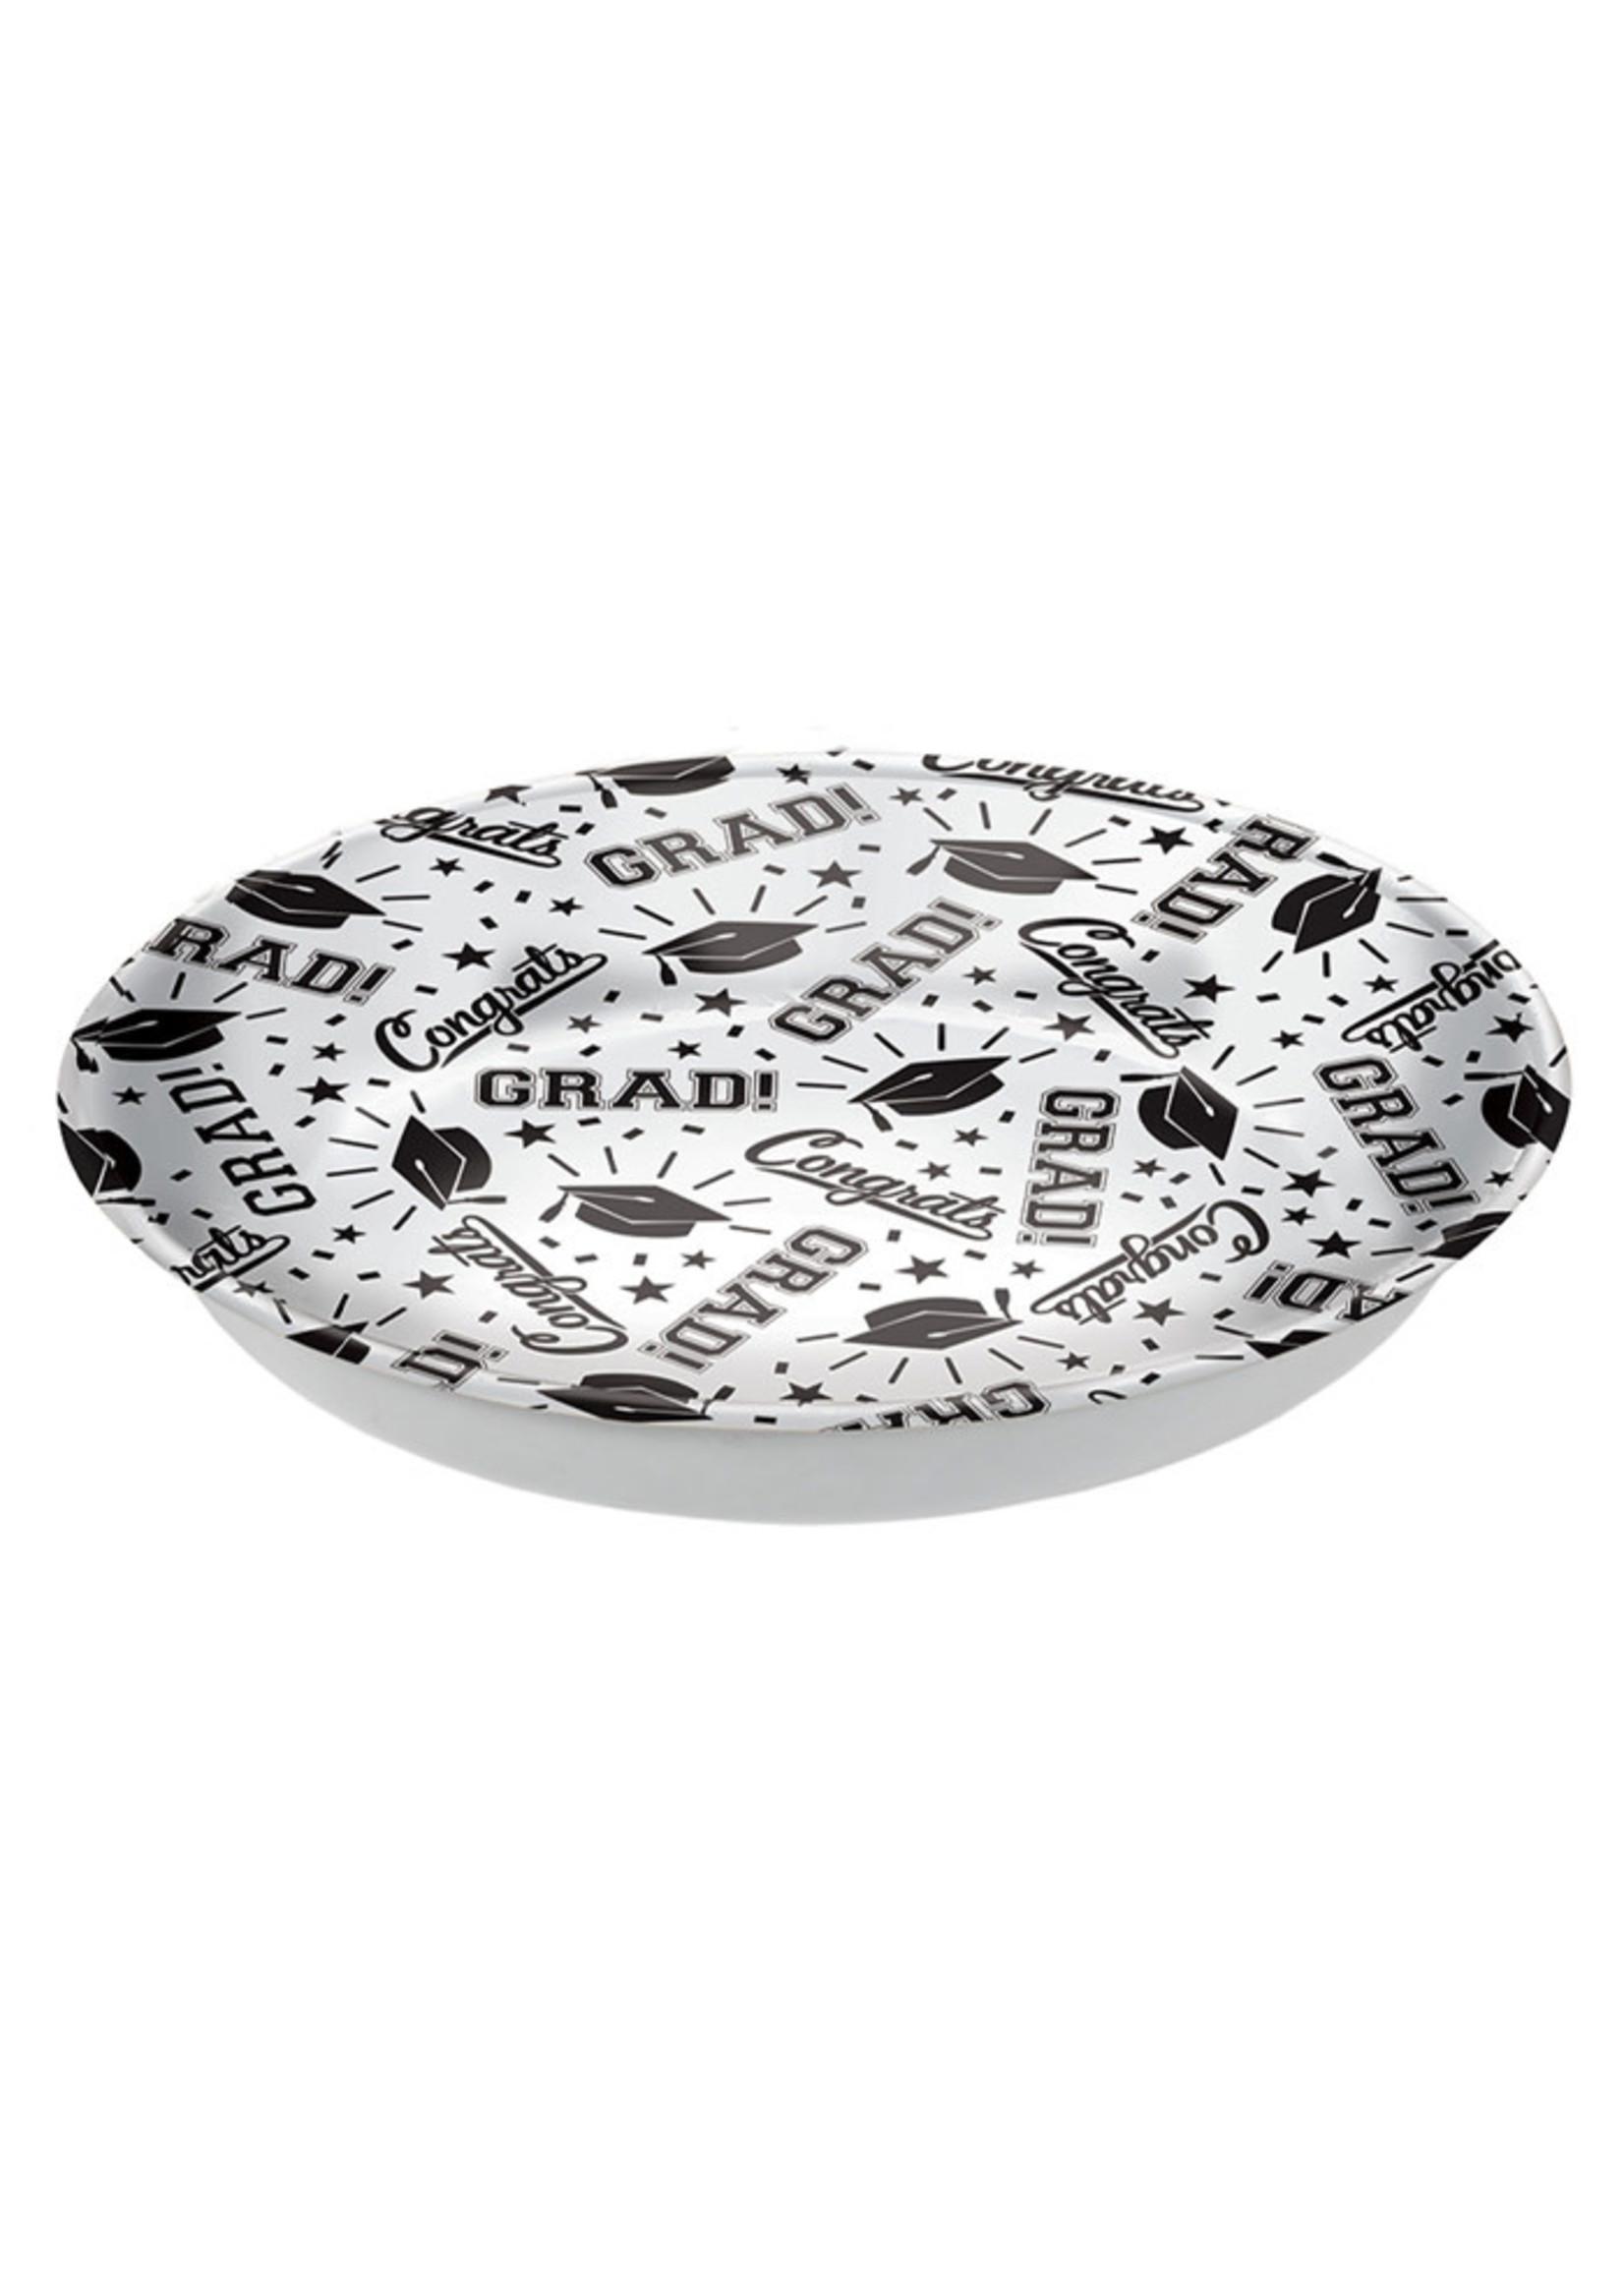 Grad Plastic Bowl - White